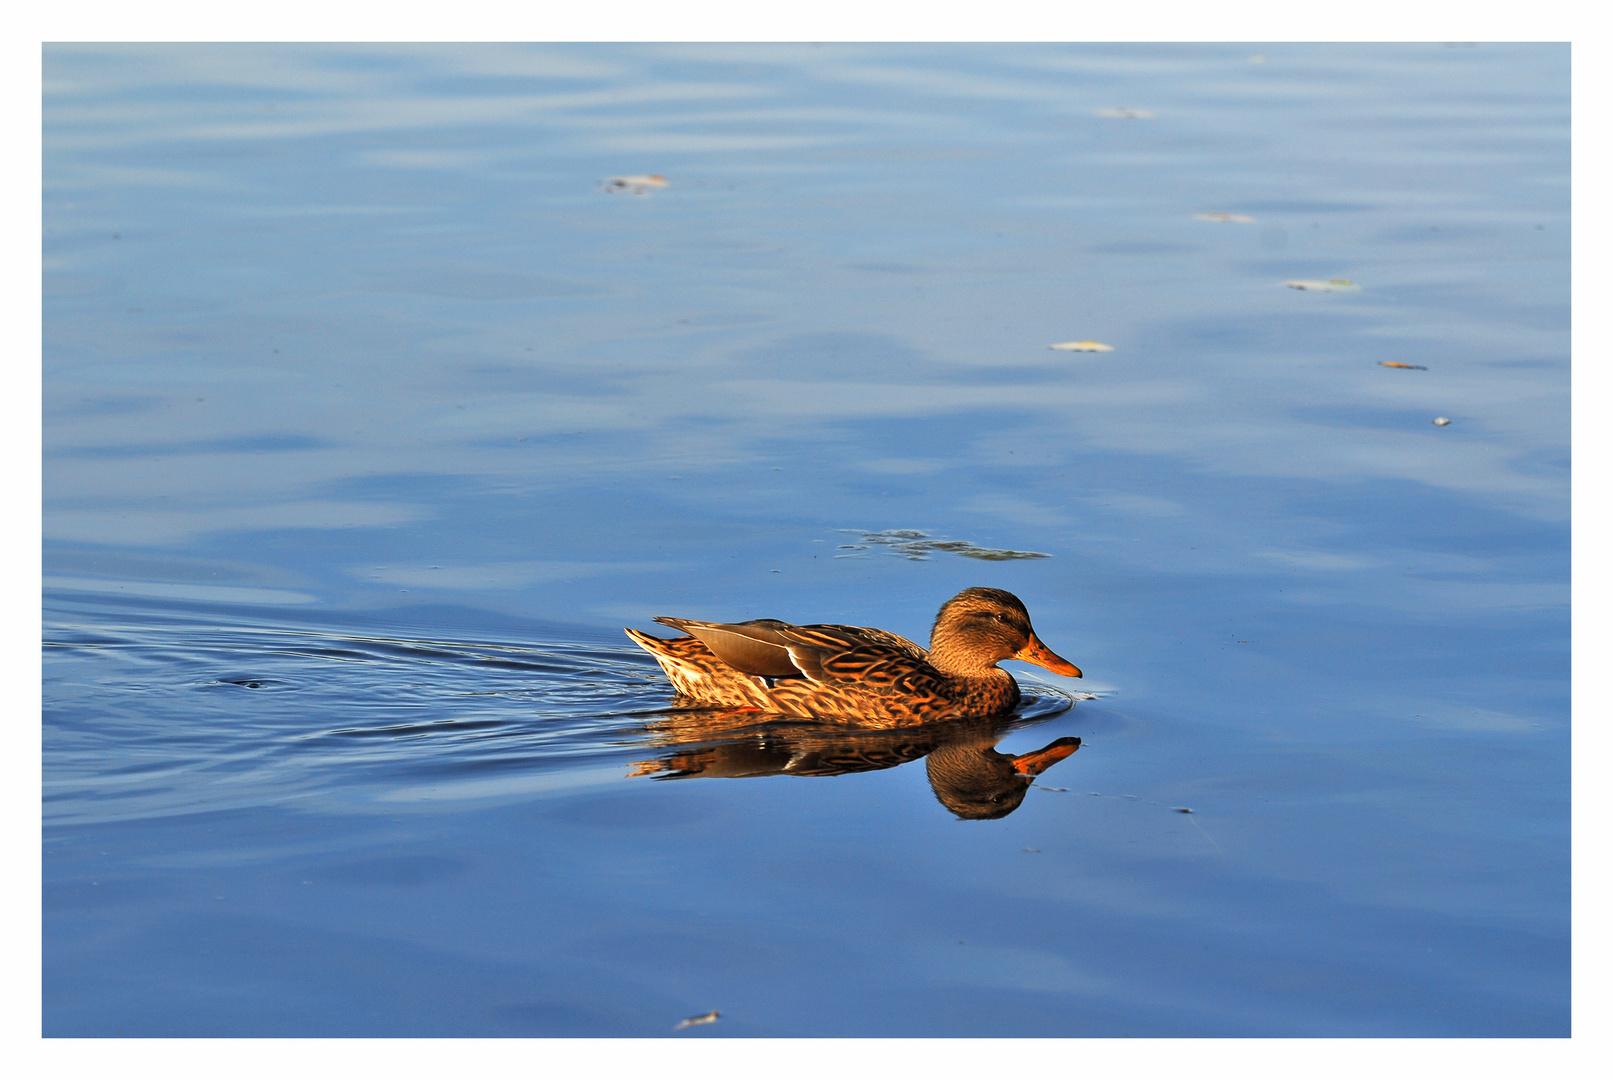 Einsam auf dem Wasser